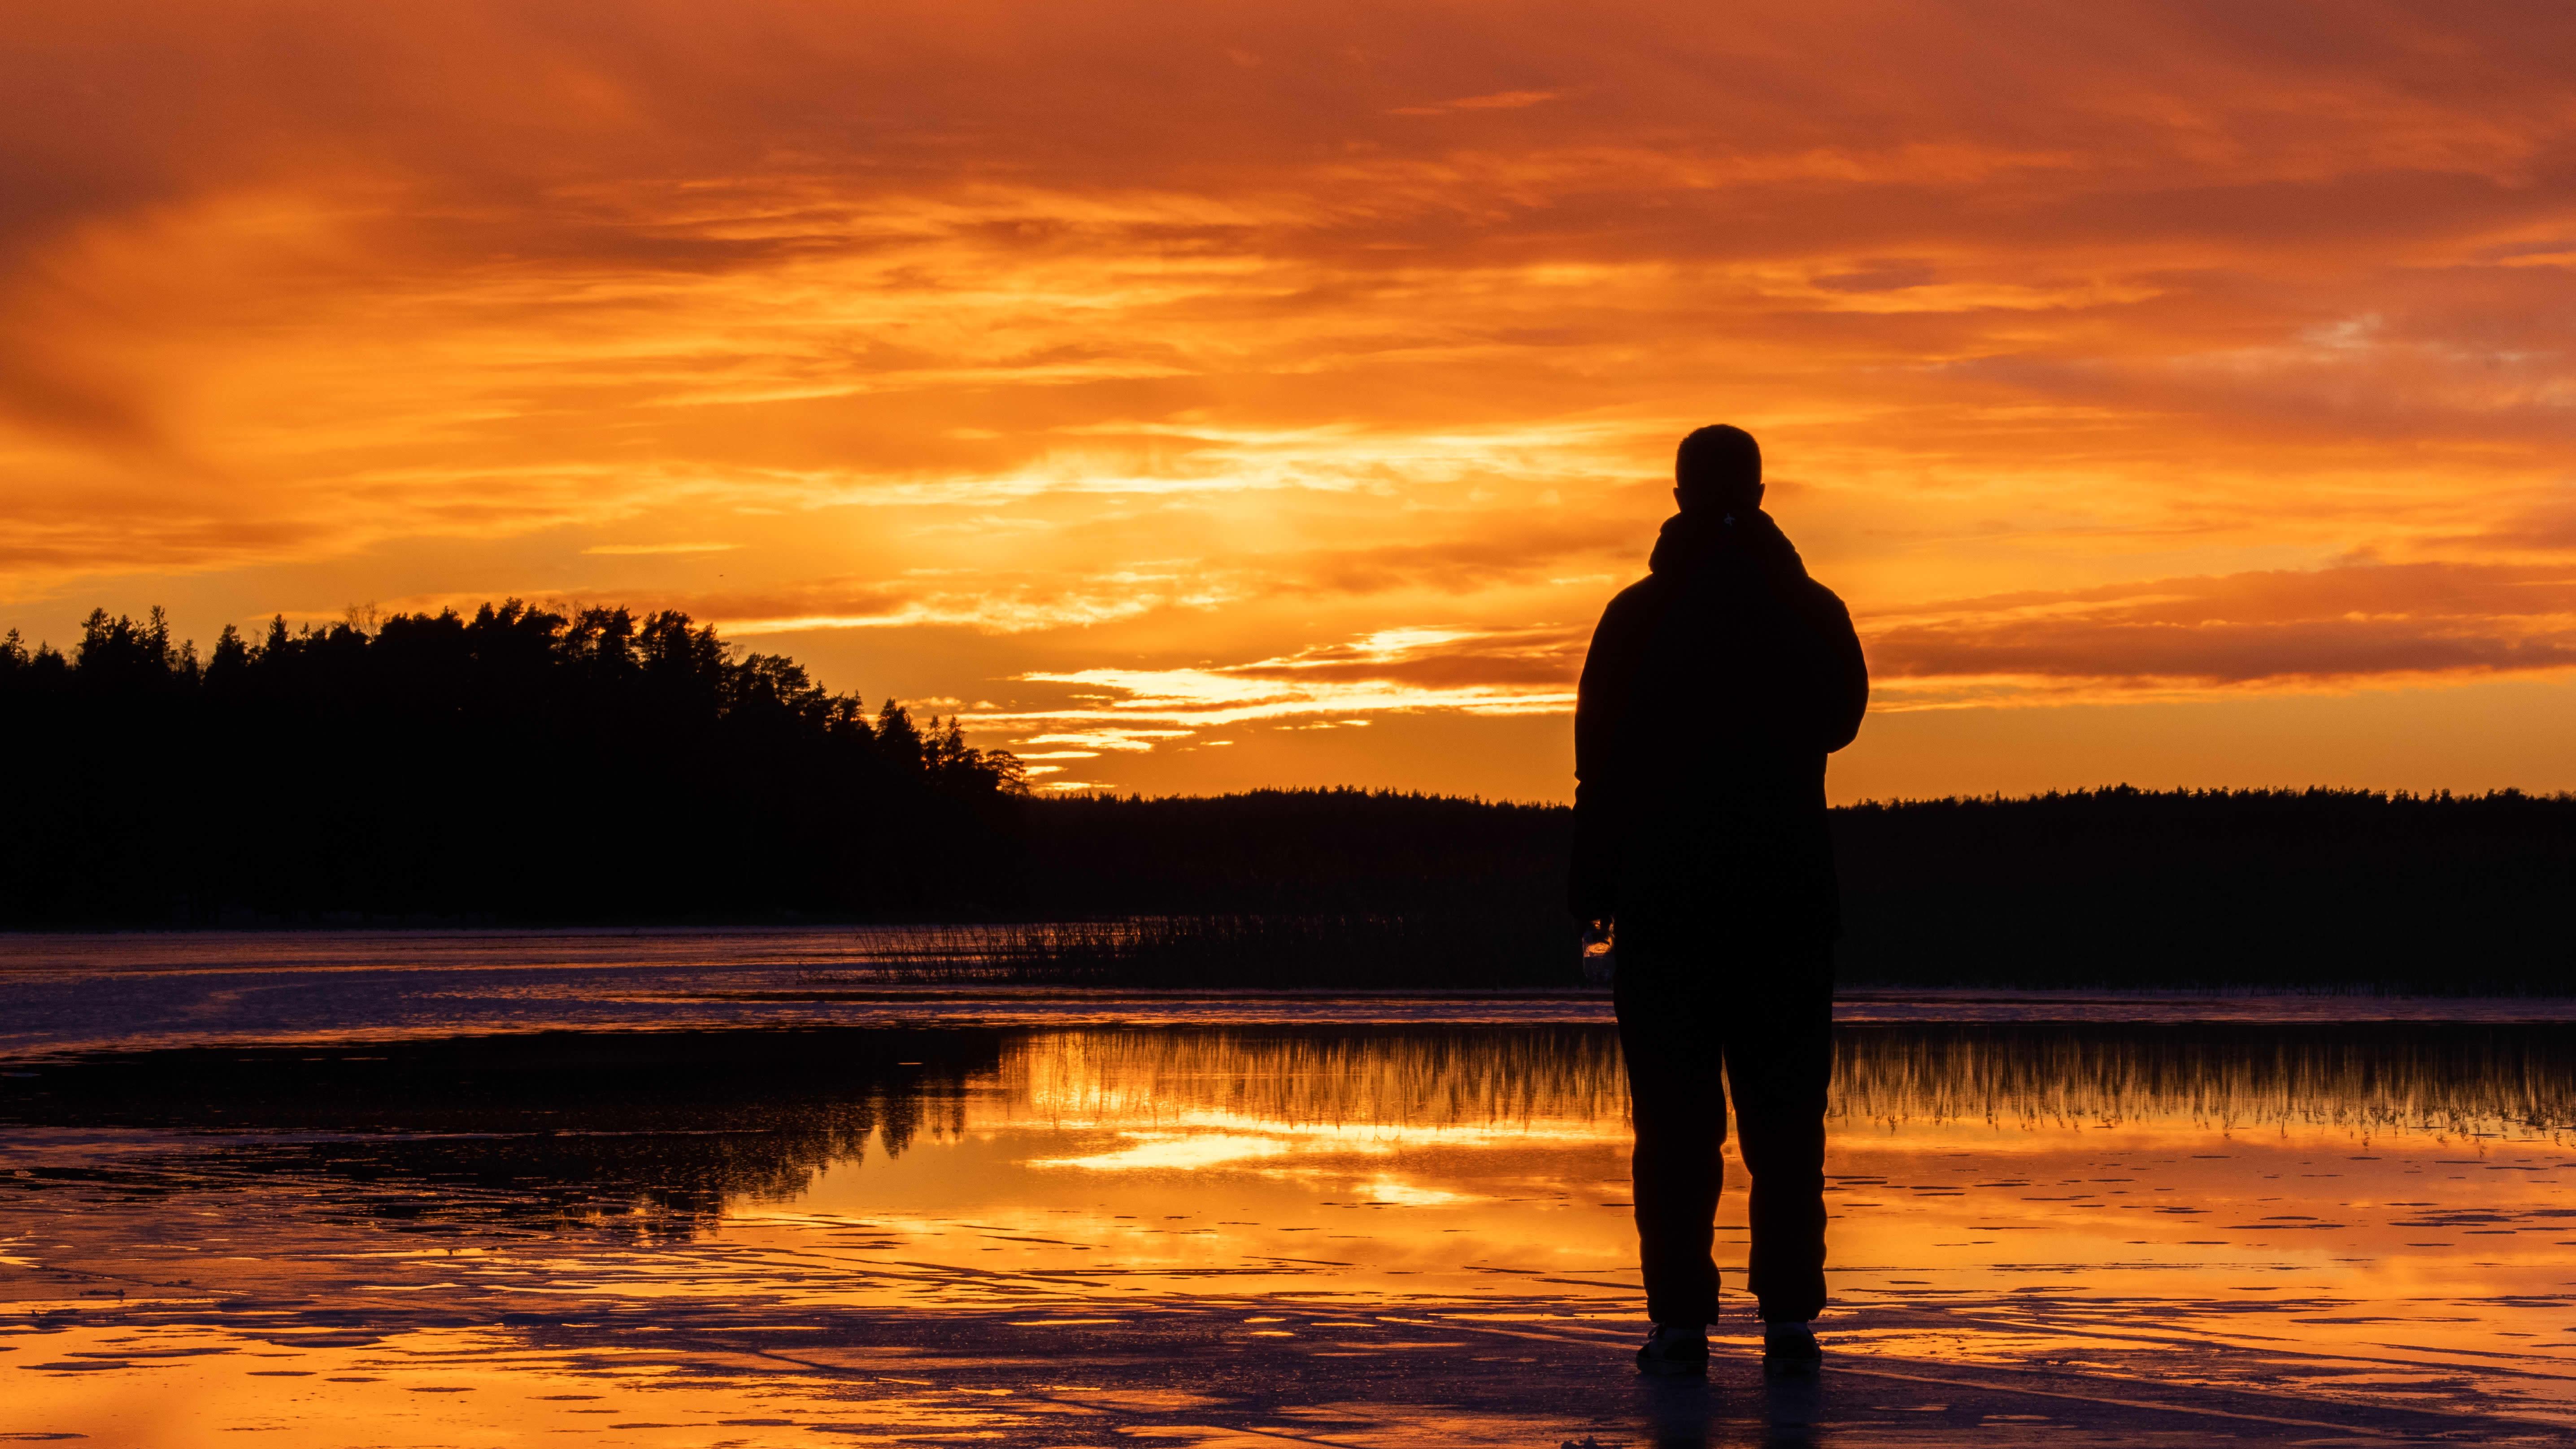 Henkilö meren jäällä katsoo auringonlaskua.